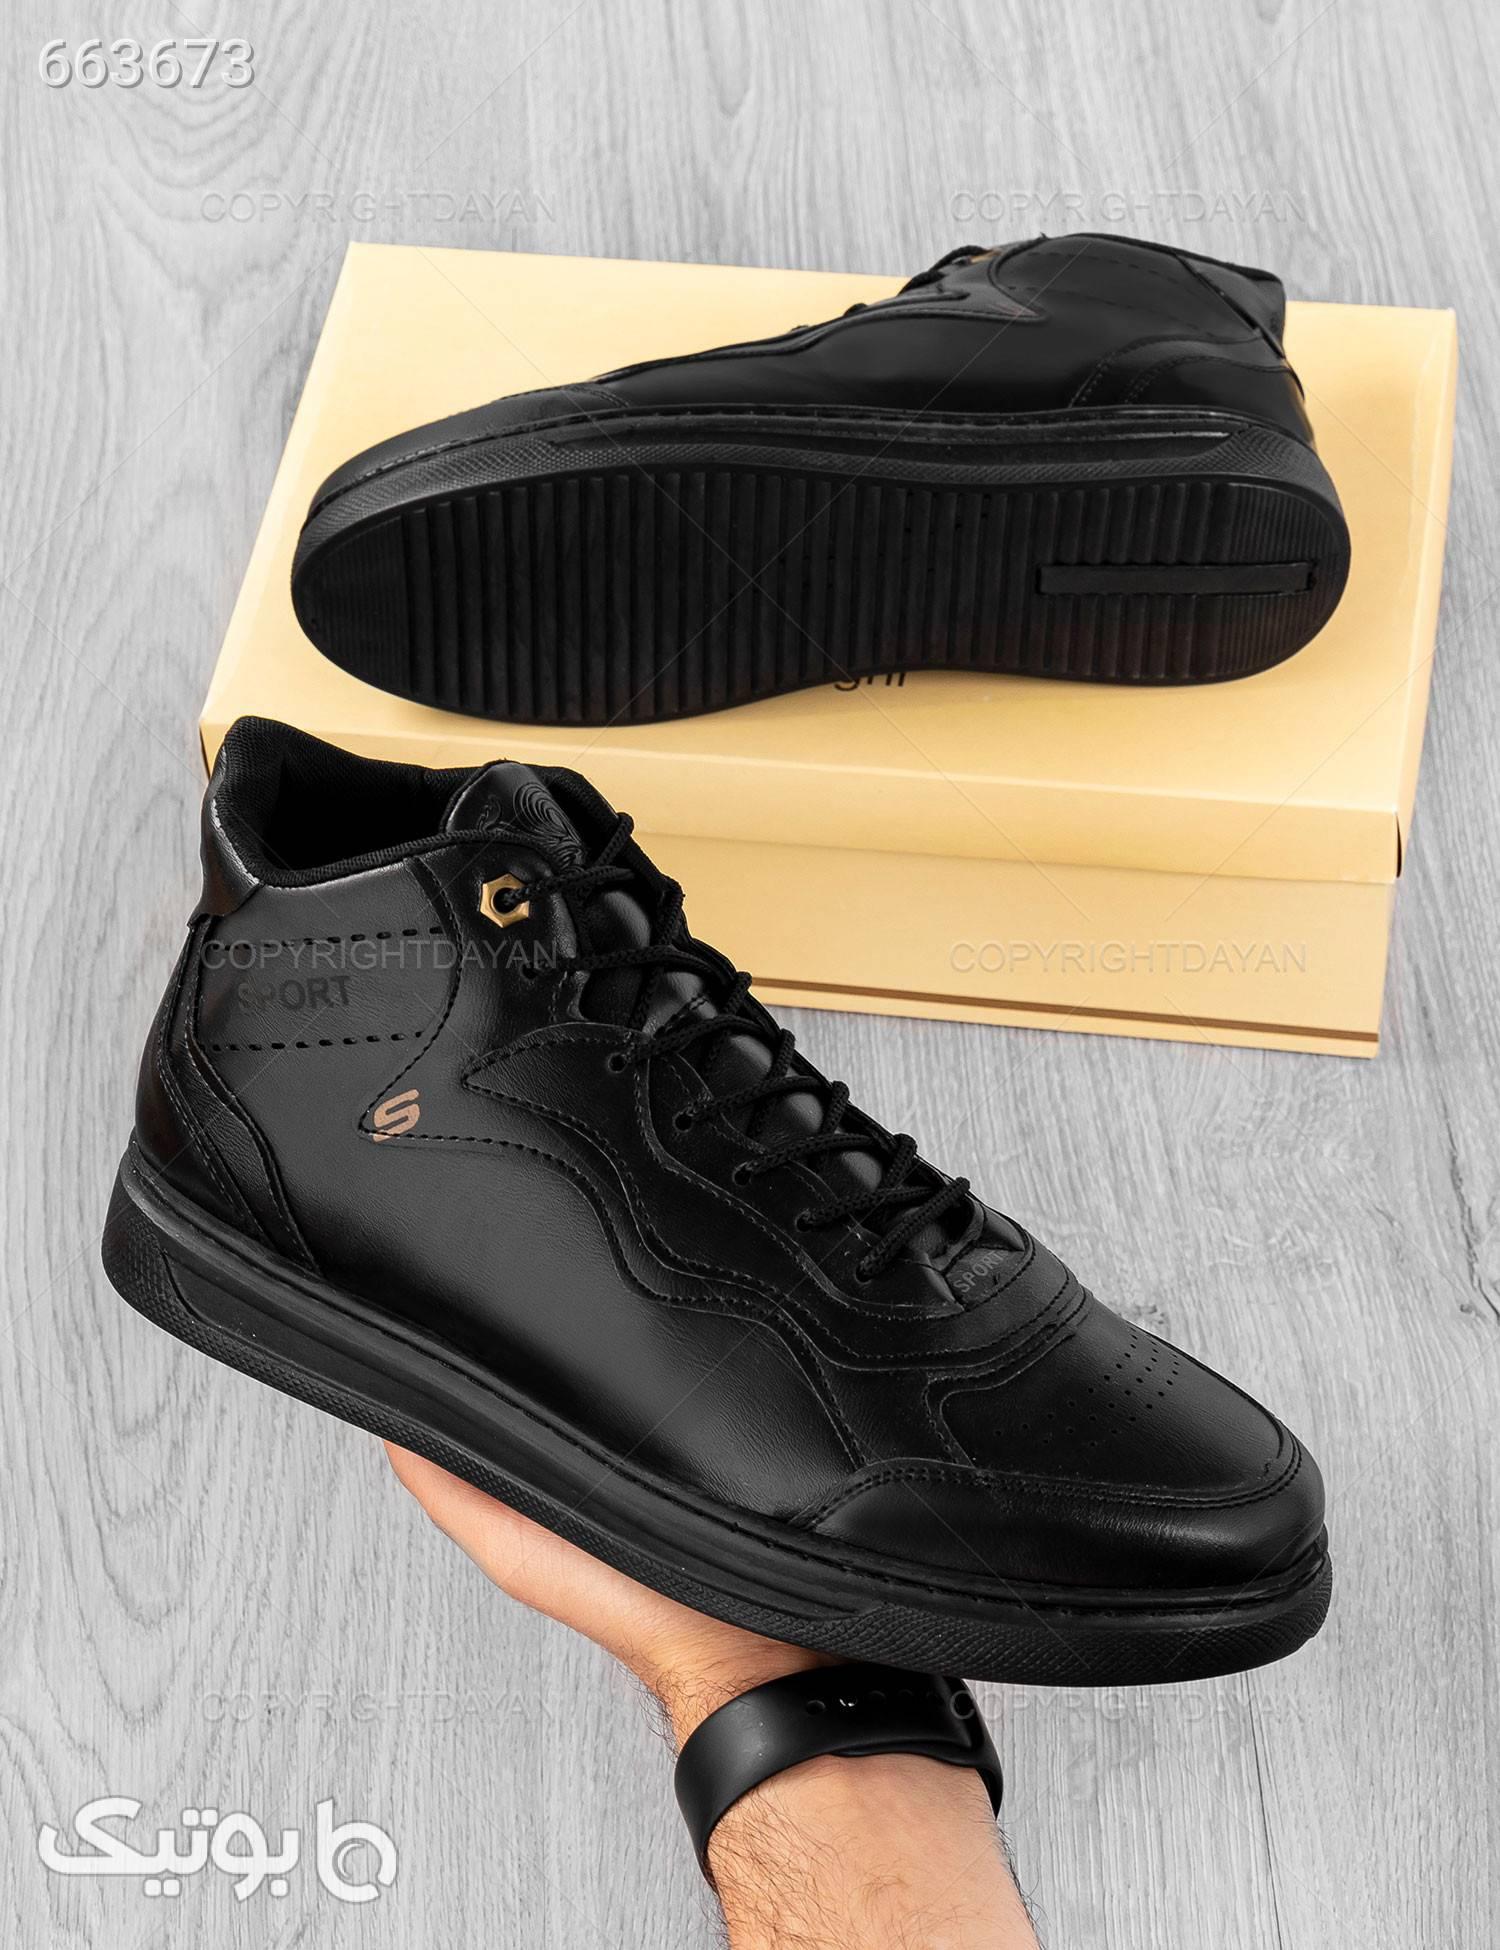 کفش ساقدار مردانه Enzo مدل 16148 مشکی كفش مردانه